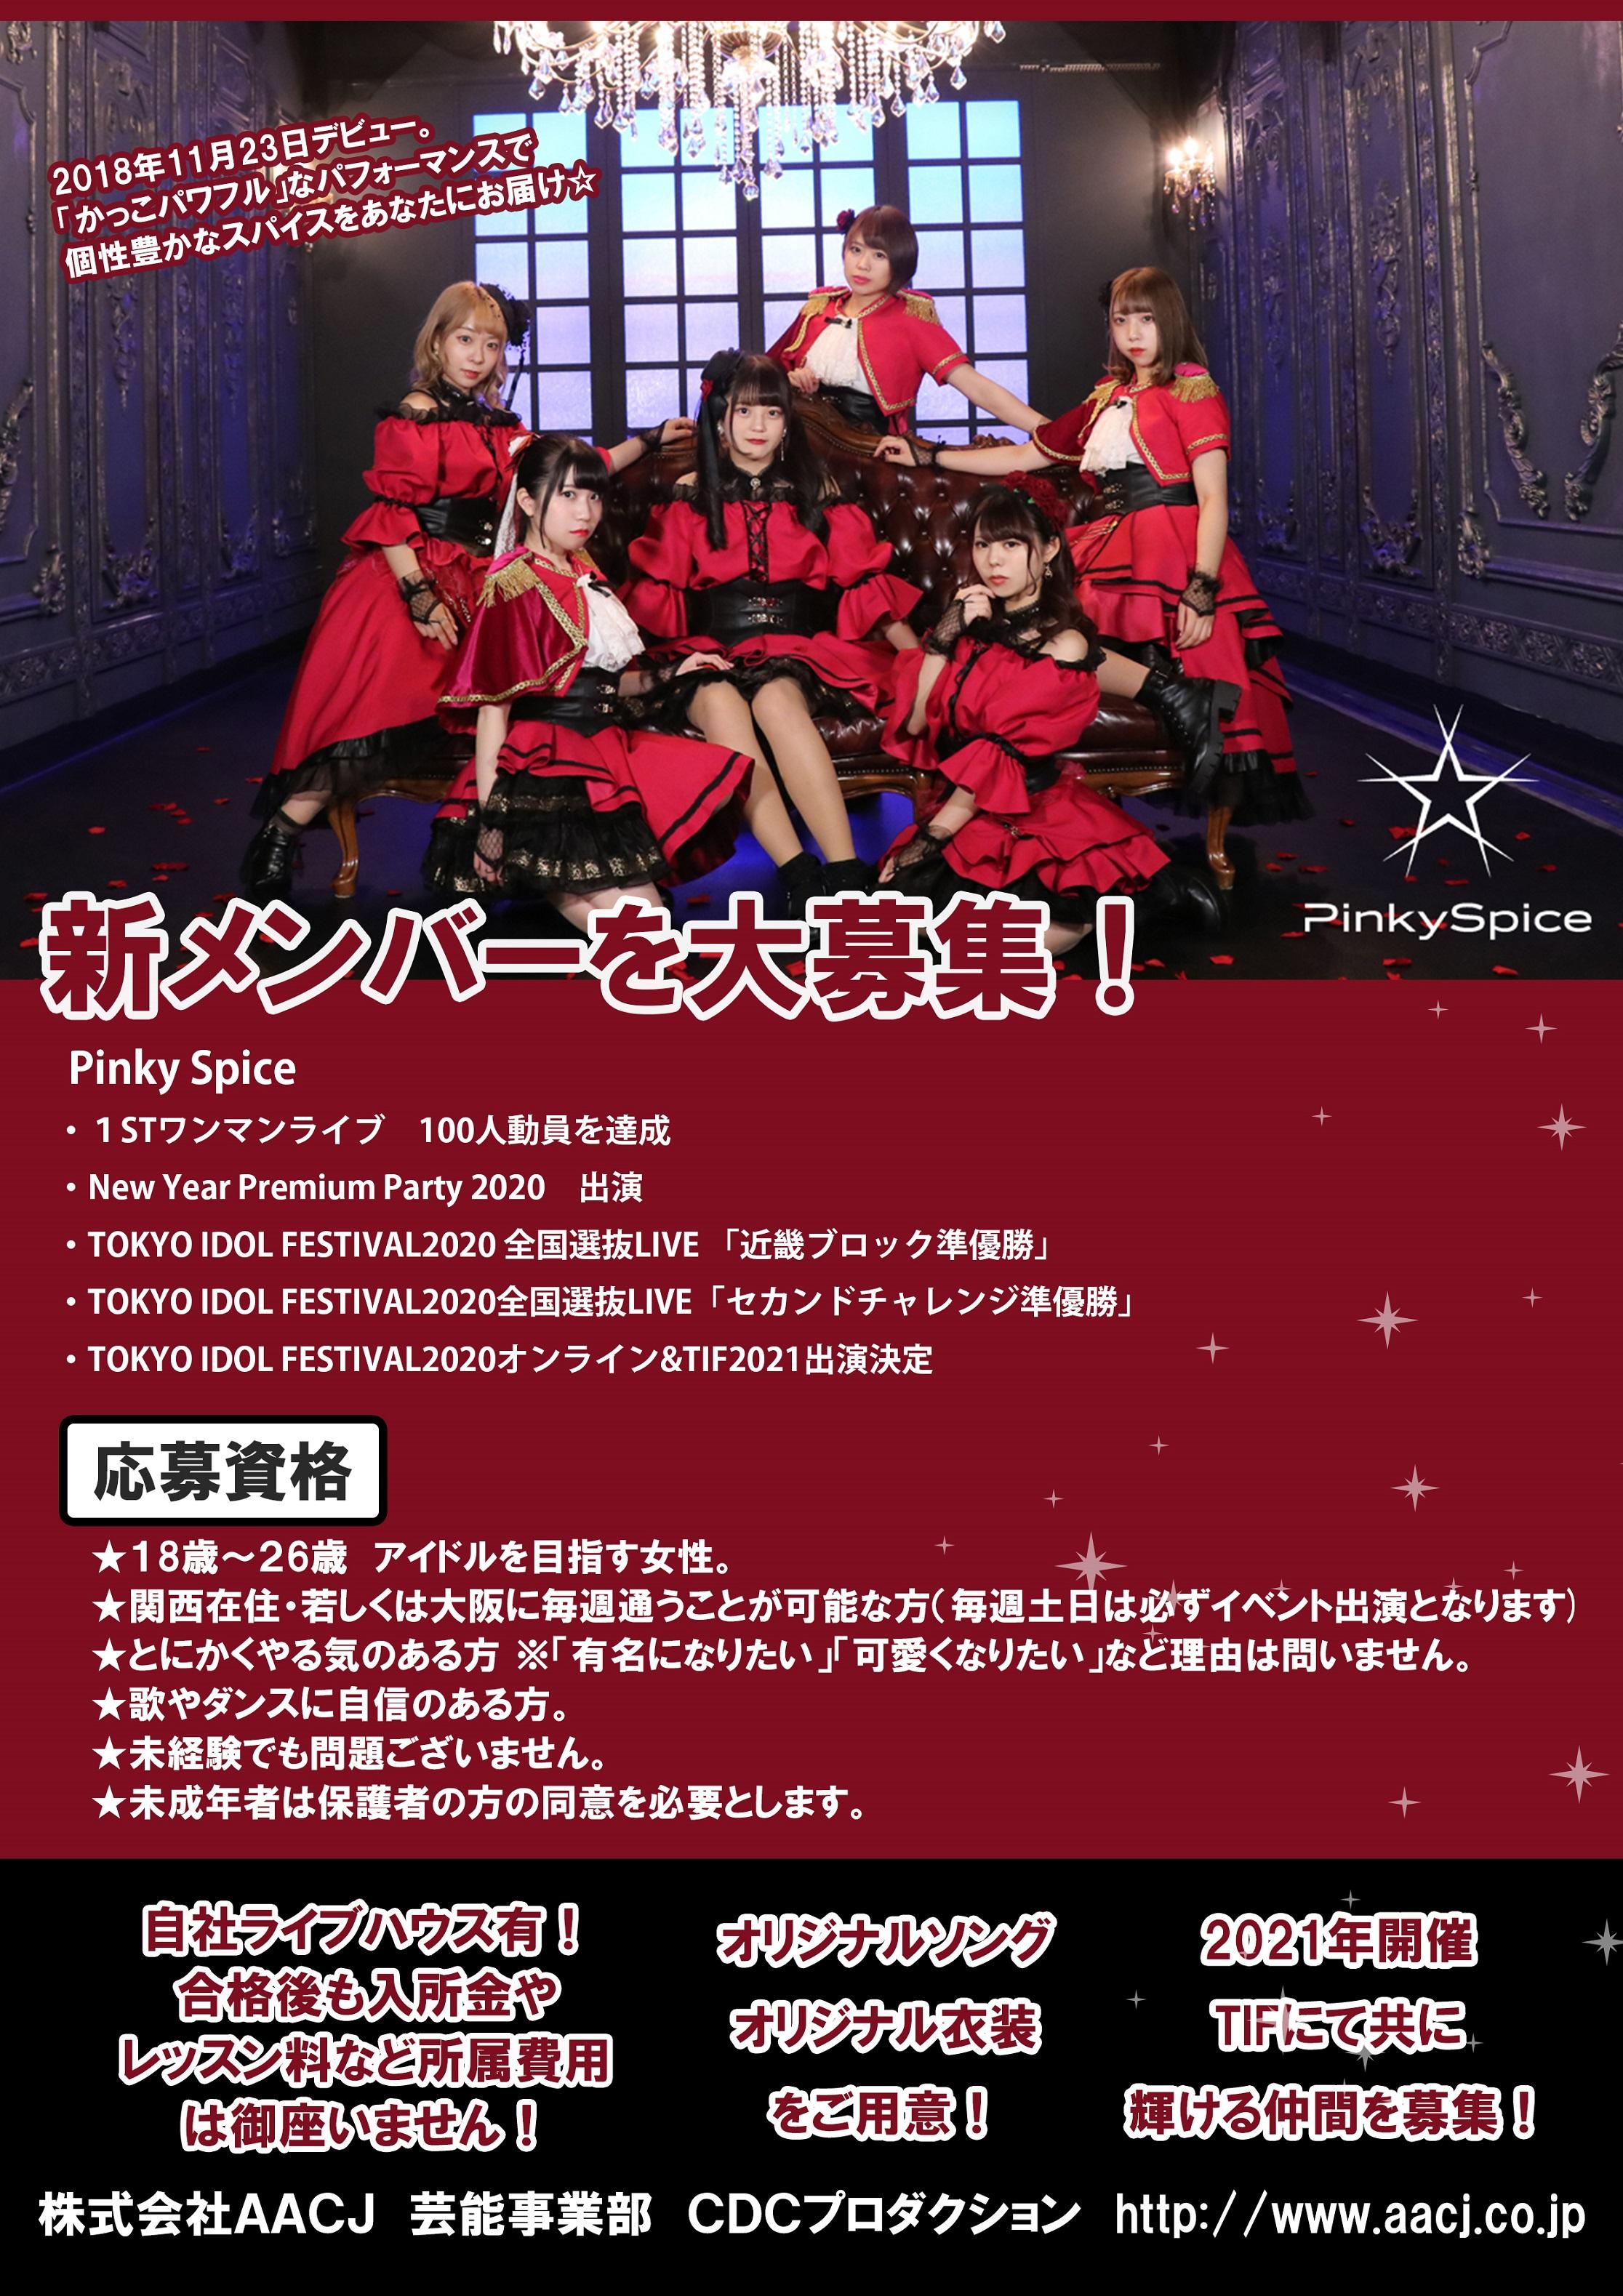 オーディション [大阪]PInkySpice追加メンバーオーディション TOKYO IDOL FESTIVAL2021出演決定グループ 主催:株式会社AACJ CDCプロダクション、カテゴリ:アイドル(ロコドル)